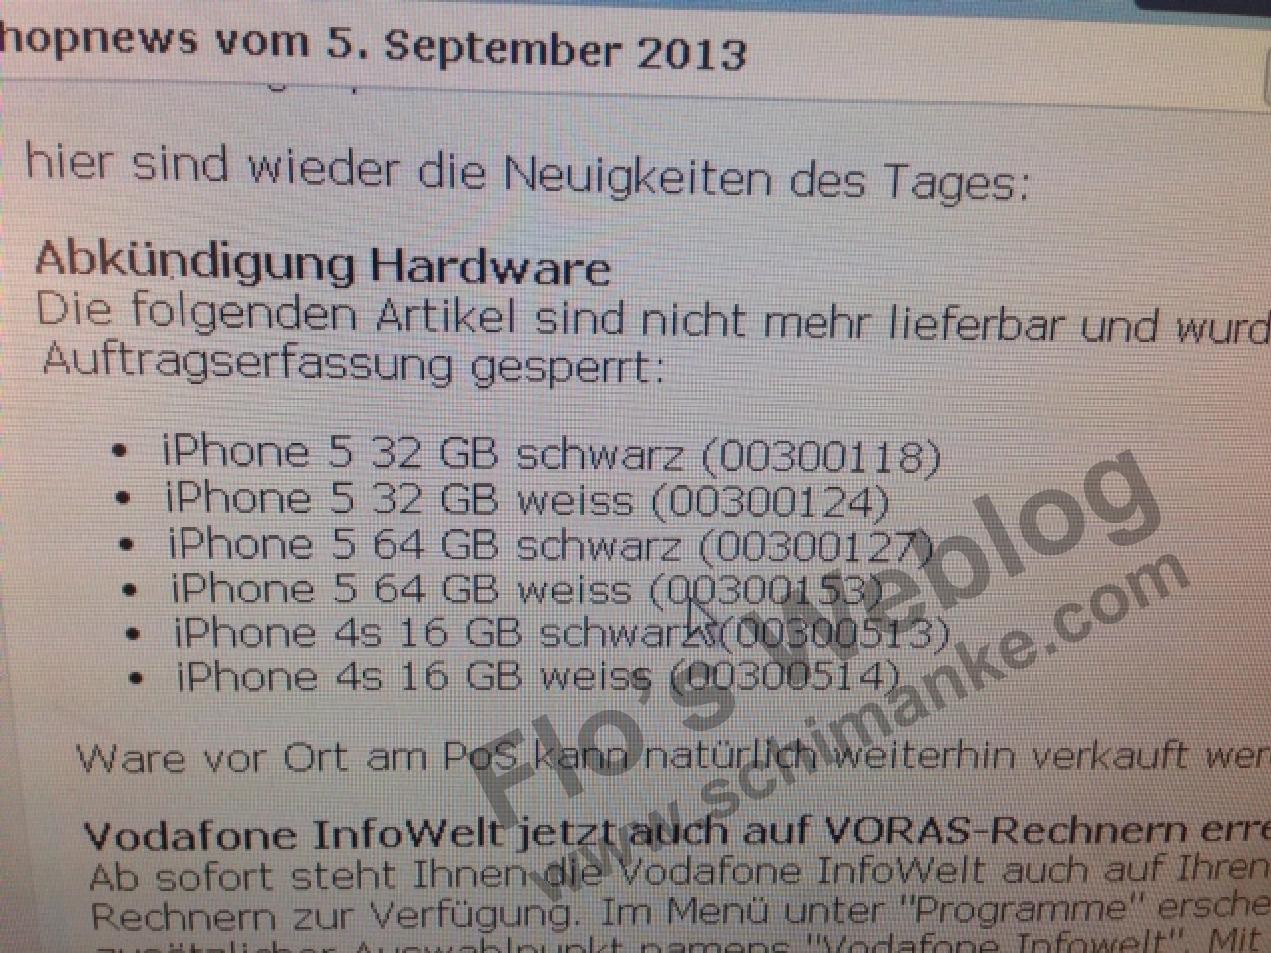 Vor iPhone 5S / 5C Verkaufsstart: Vodafone nimmt iPhone 5 & 4S aus dem Programm 1